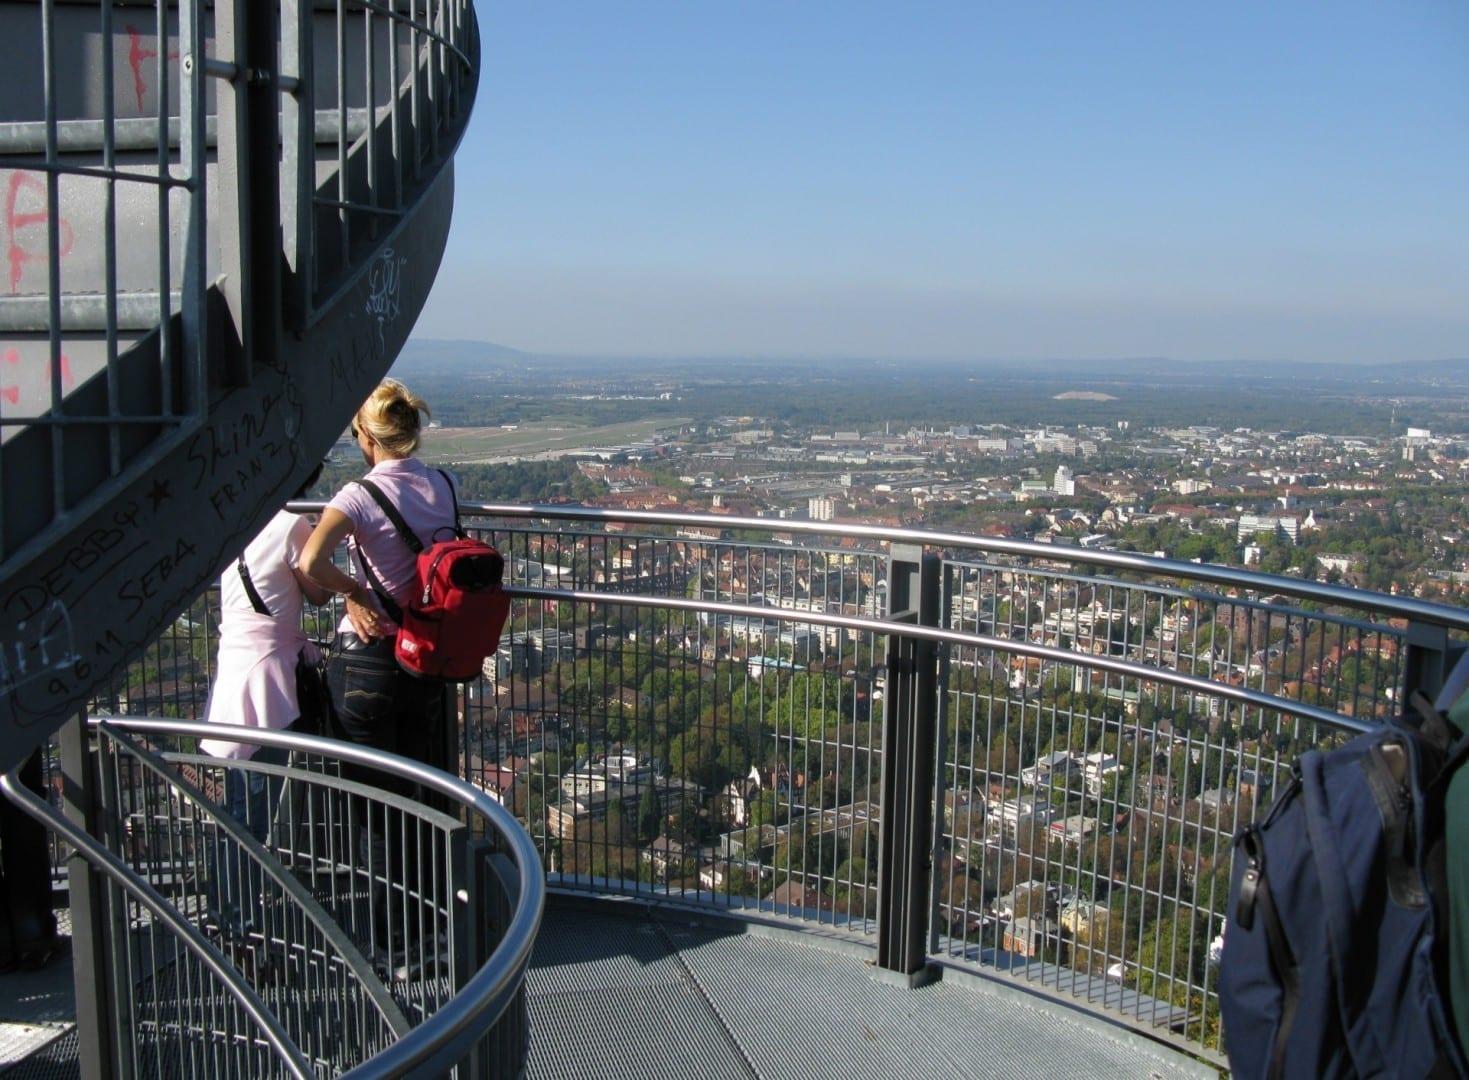 La torre de observación de Schlossbergturm Freiburg im Breisgau Alemania